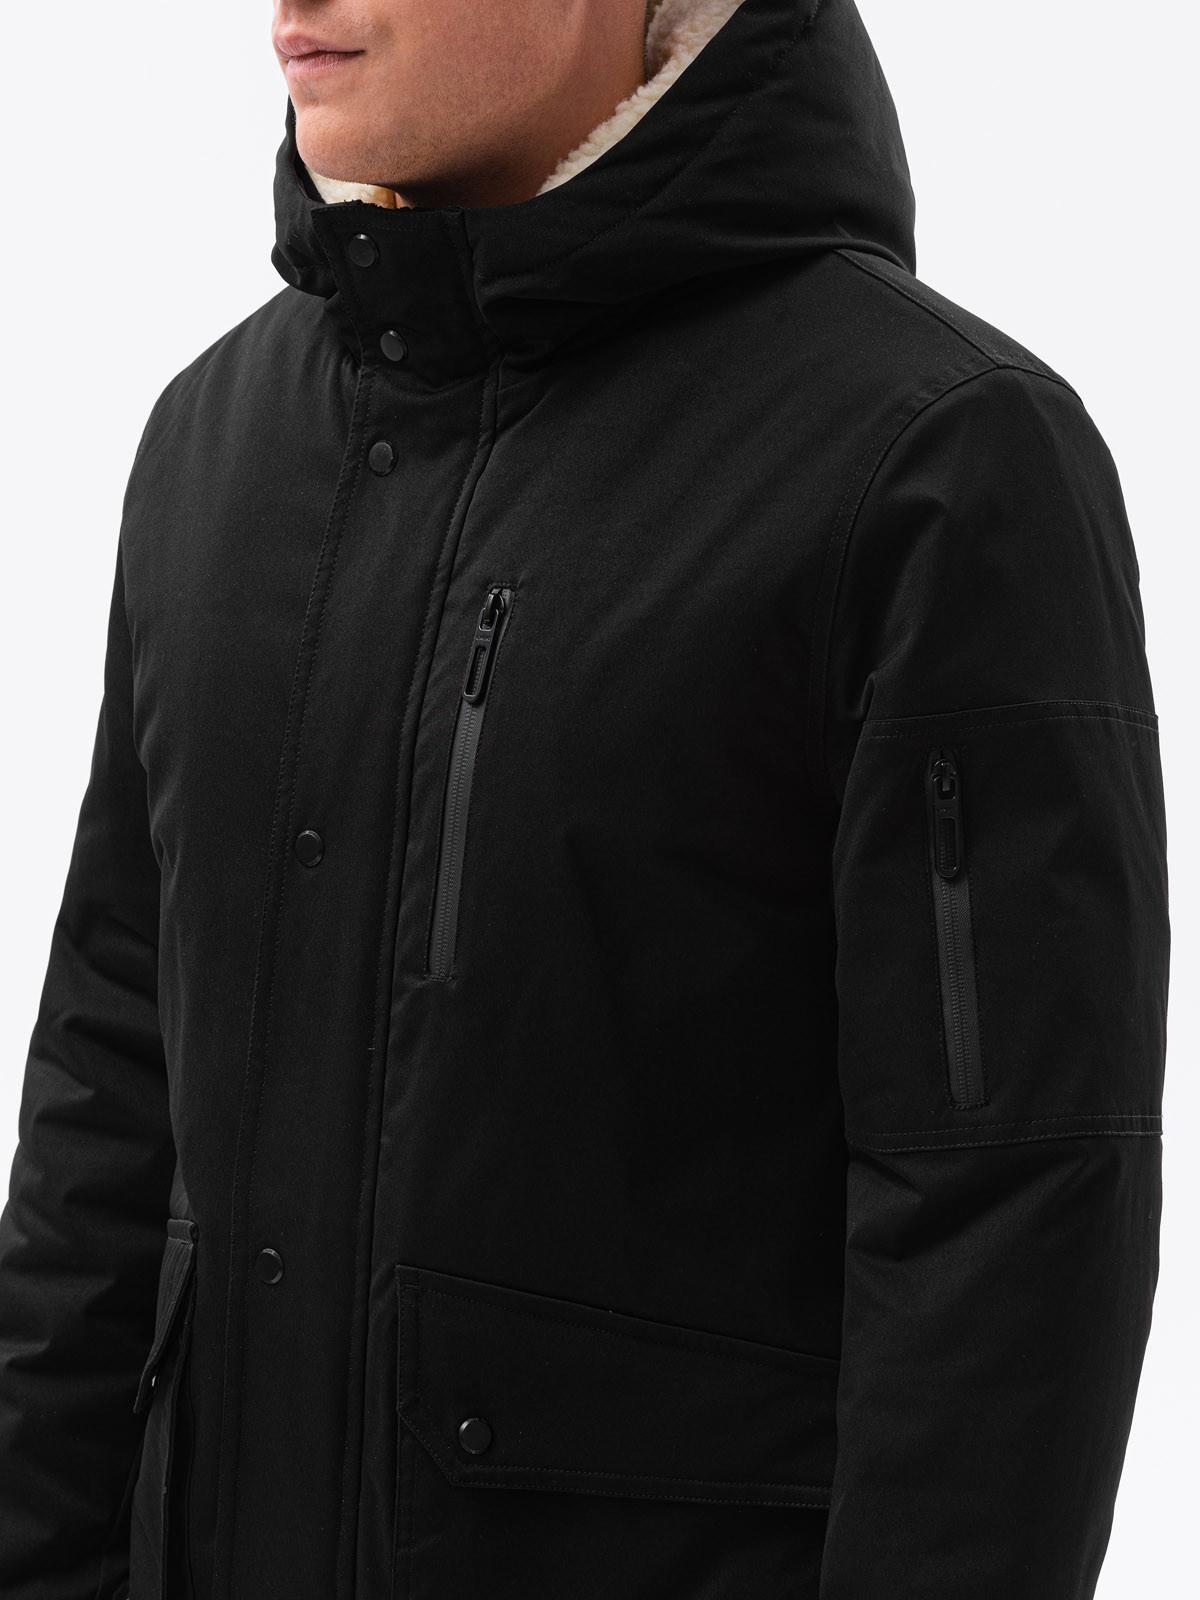 Ombre Kurtka męska zimowa C517 - czarna